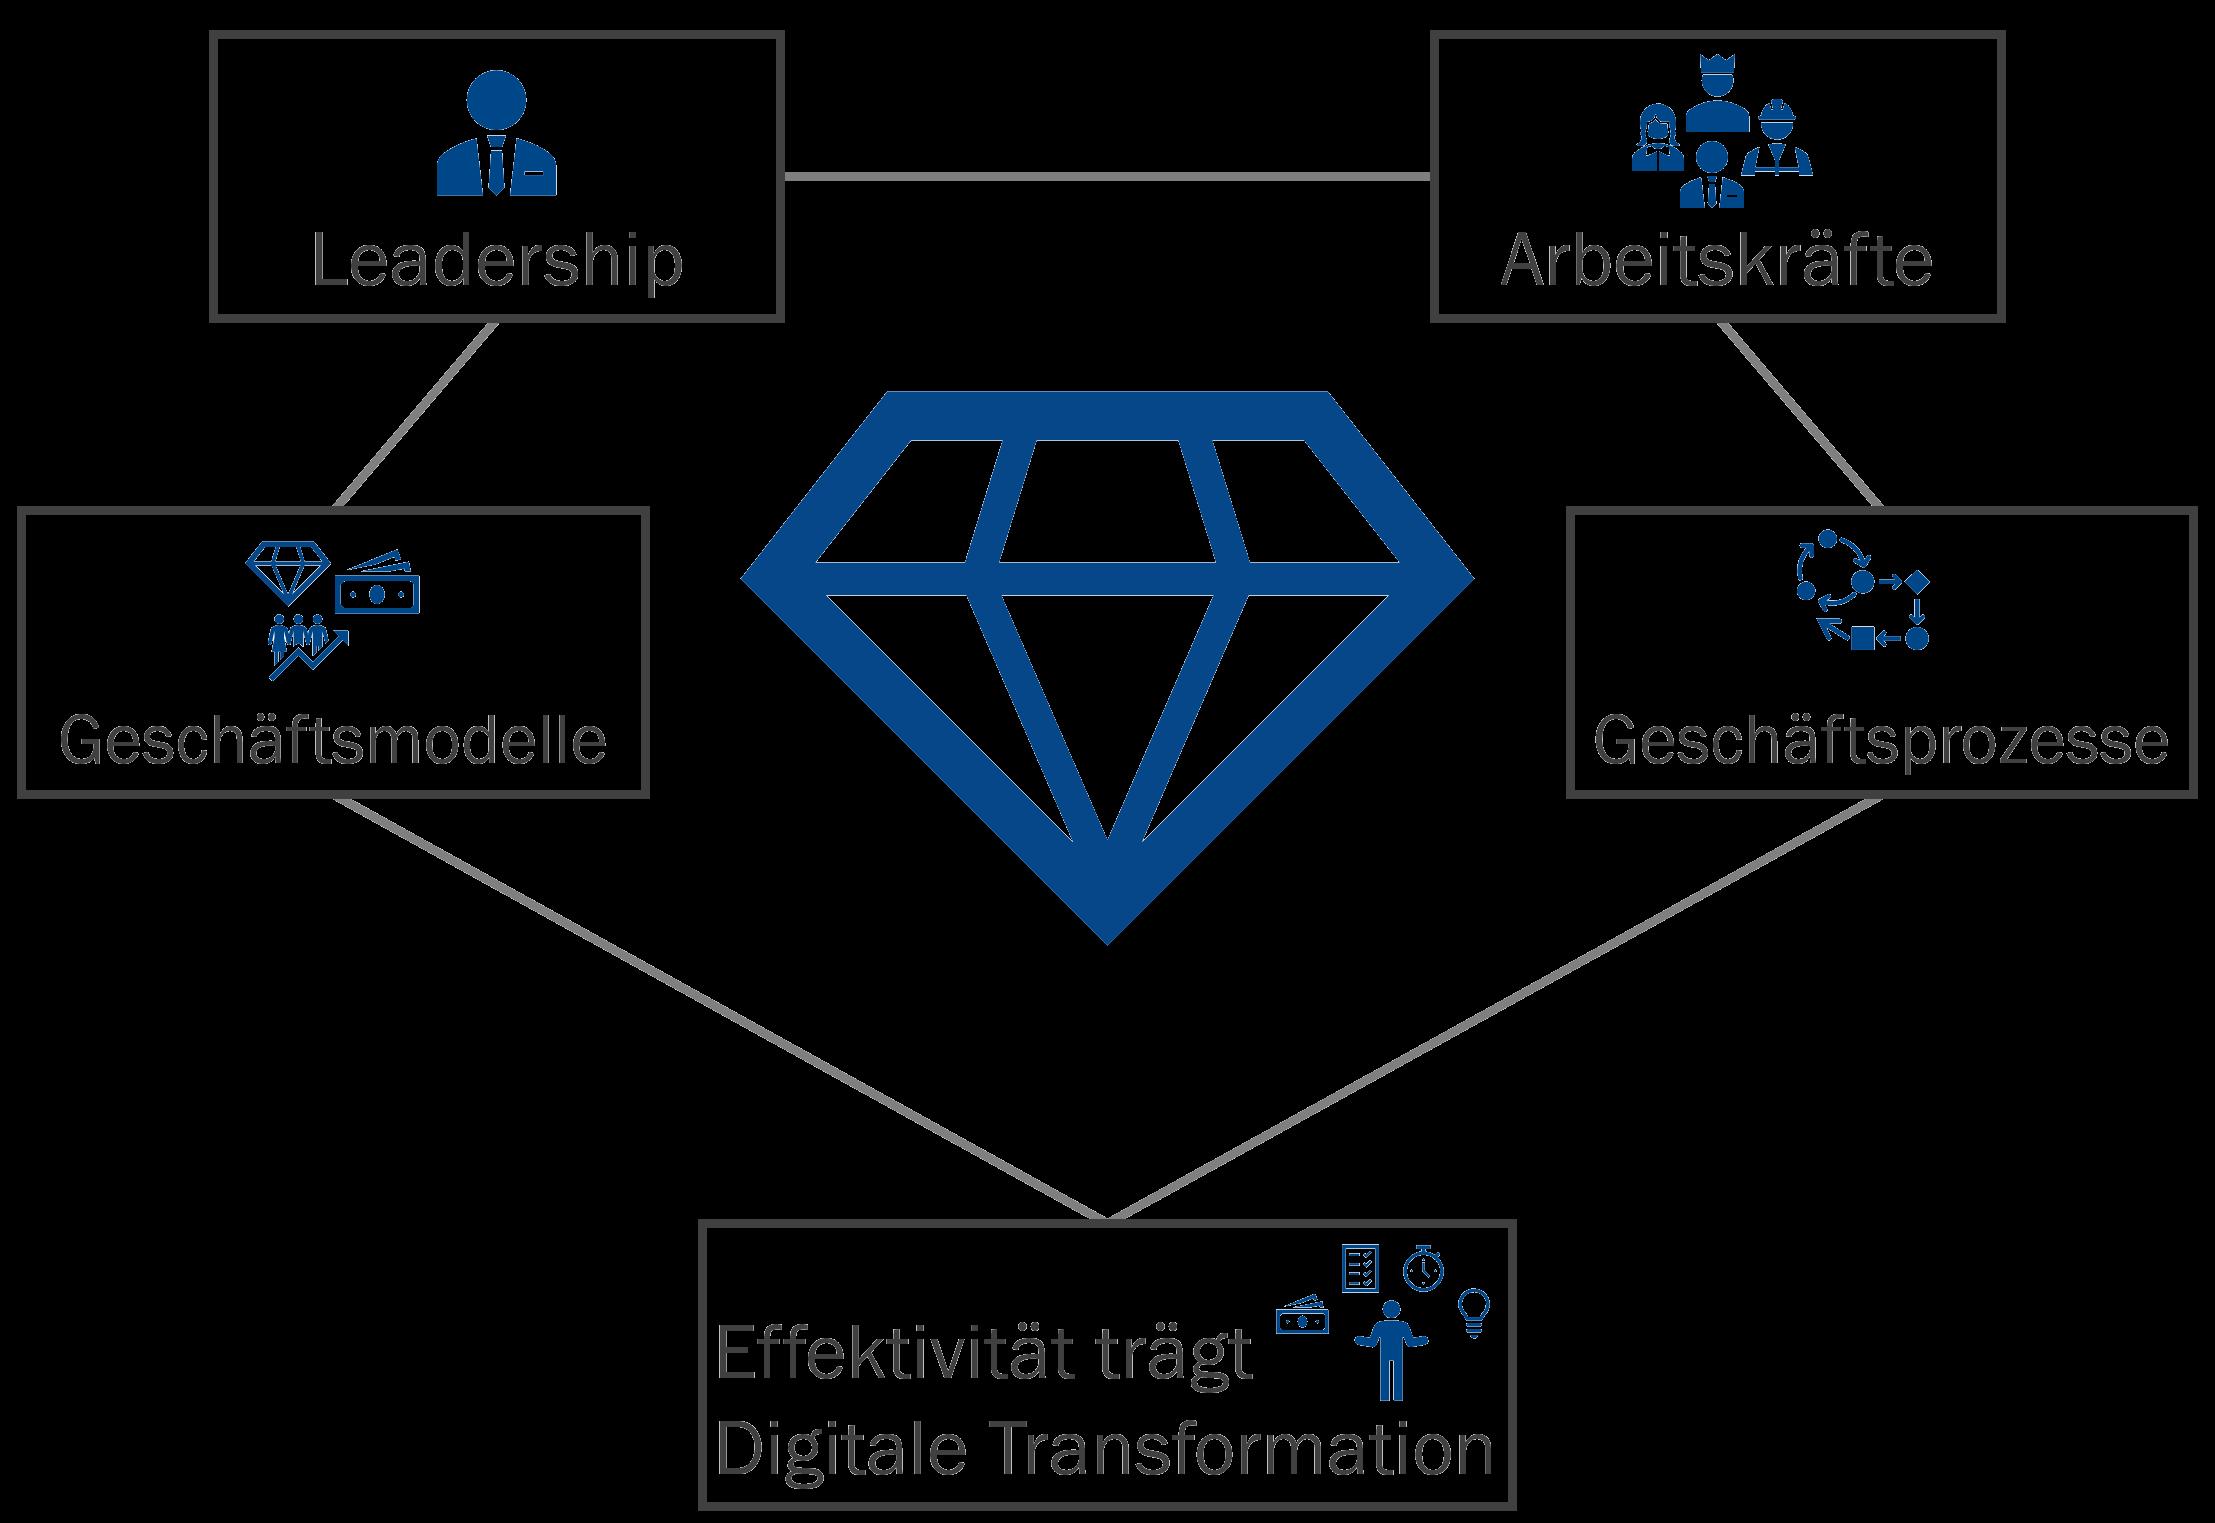 Effektivität trägt und treibt die digitale Transformation